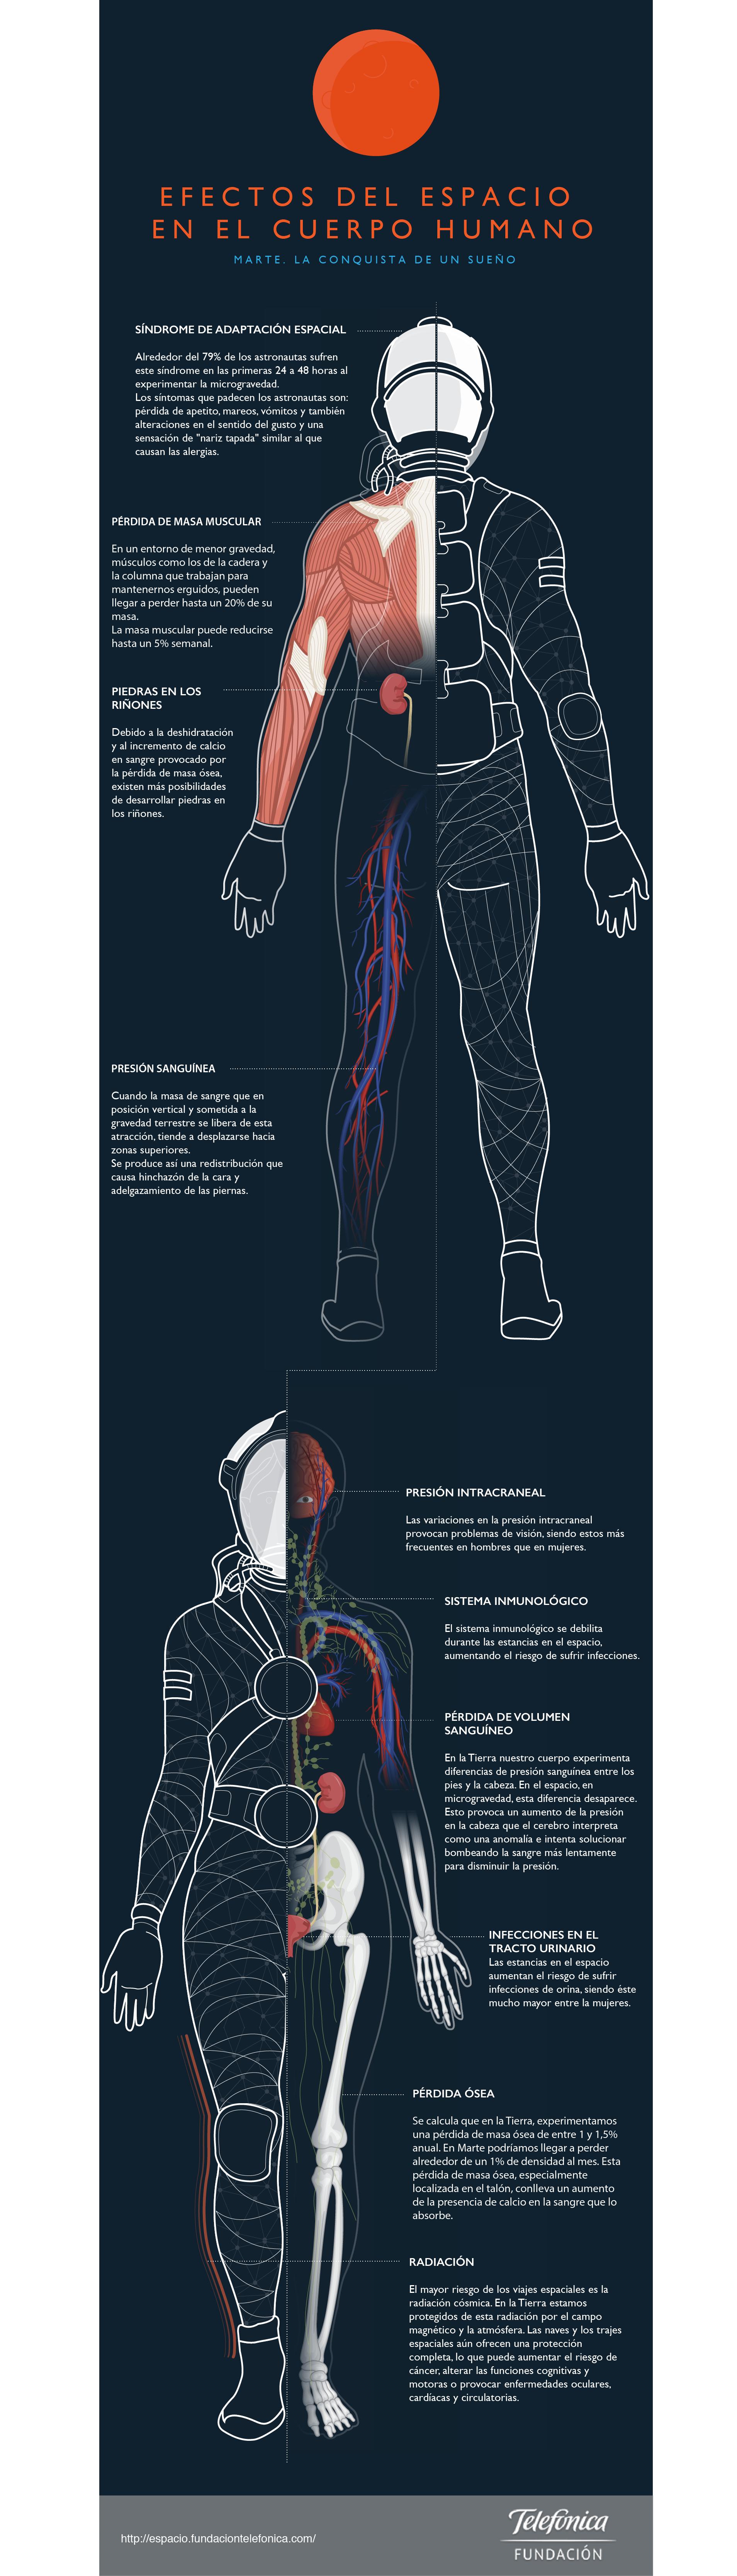 Efectos del espacio en el cuerpo humano. Infografía para exposición ...